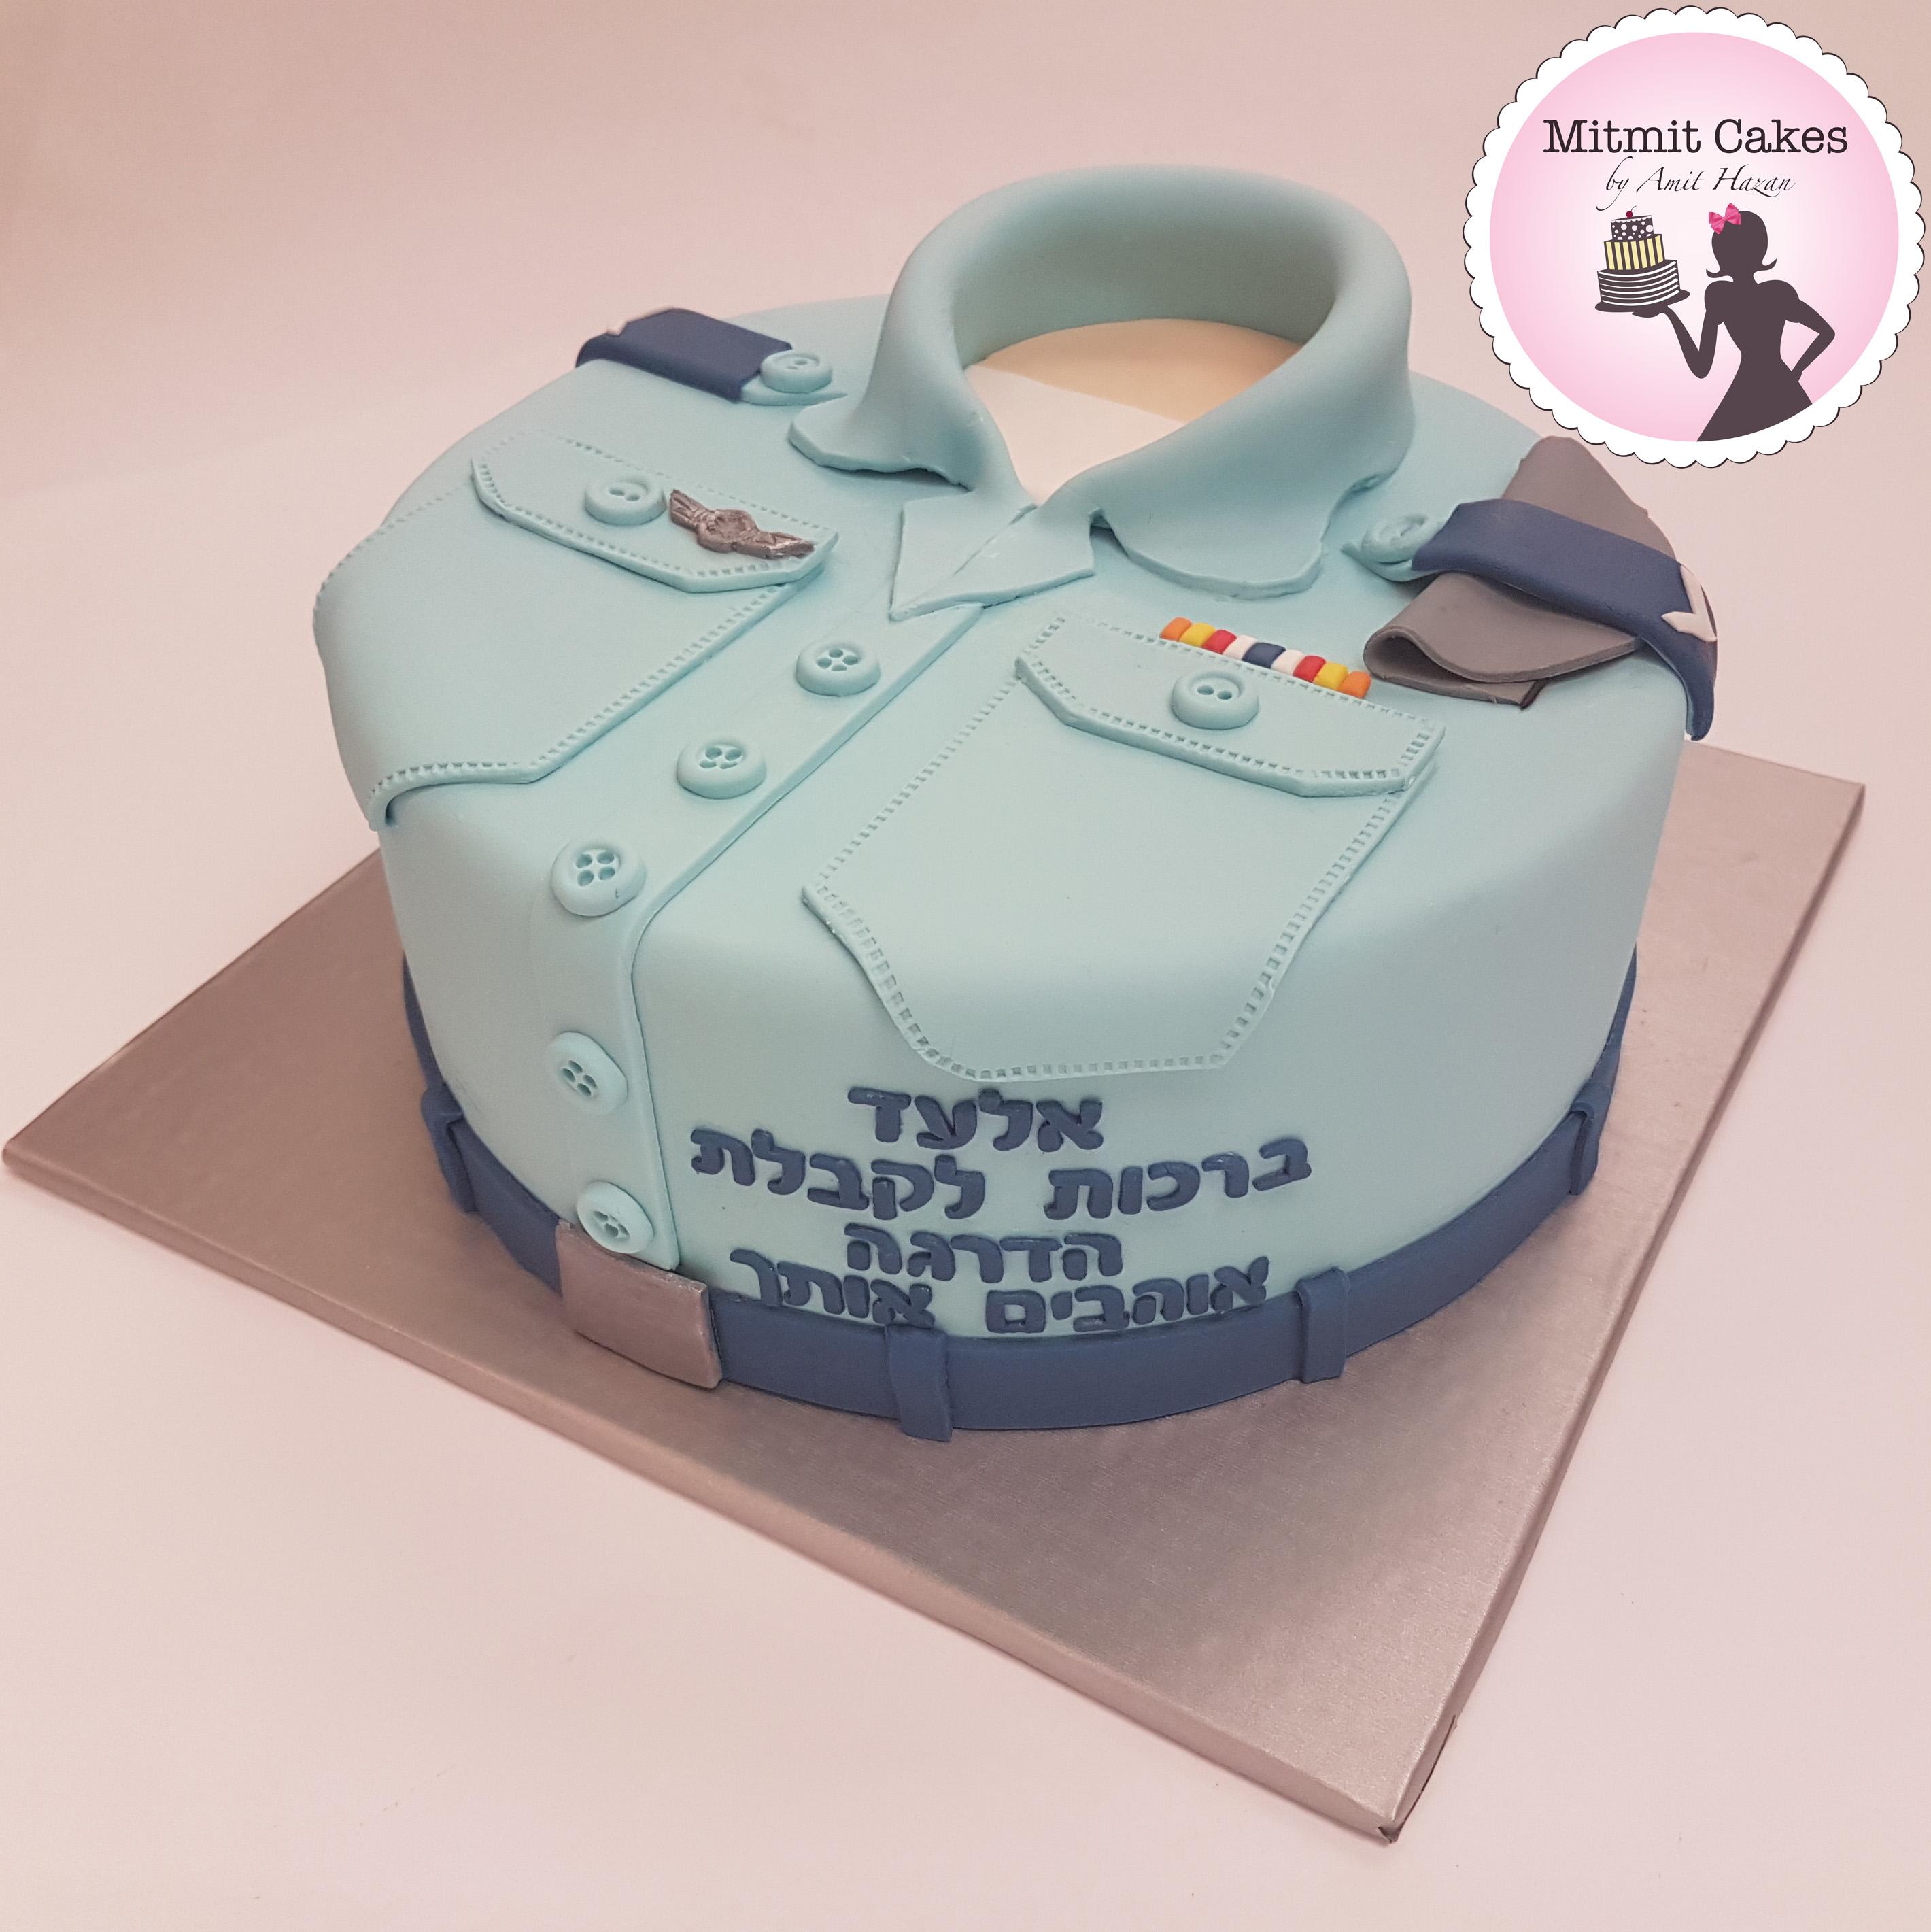 עוגת מדים לקבל דרגה רסל